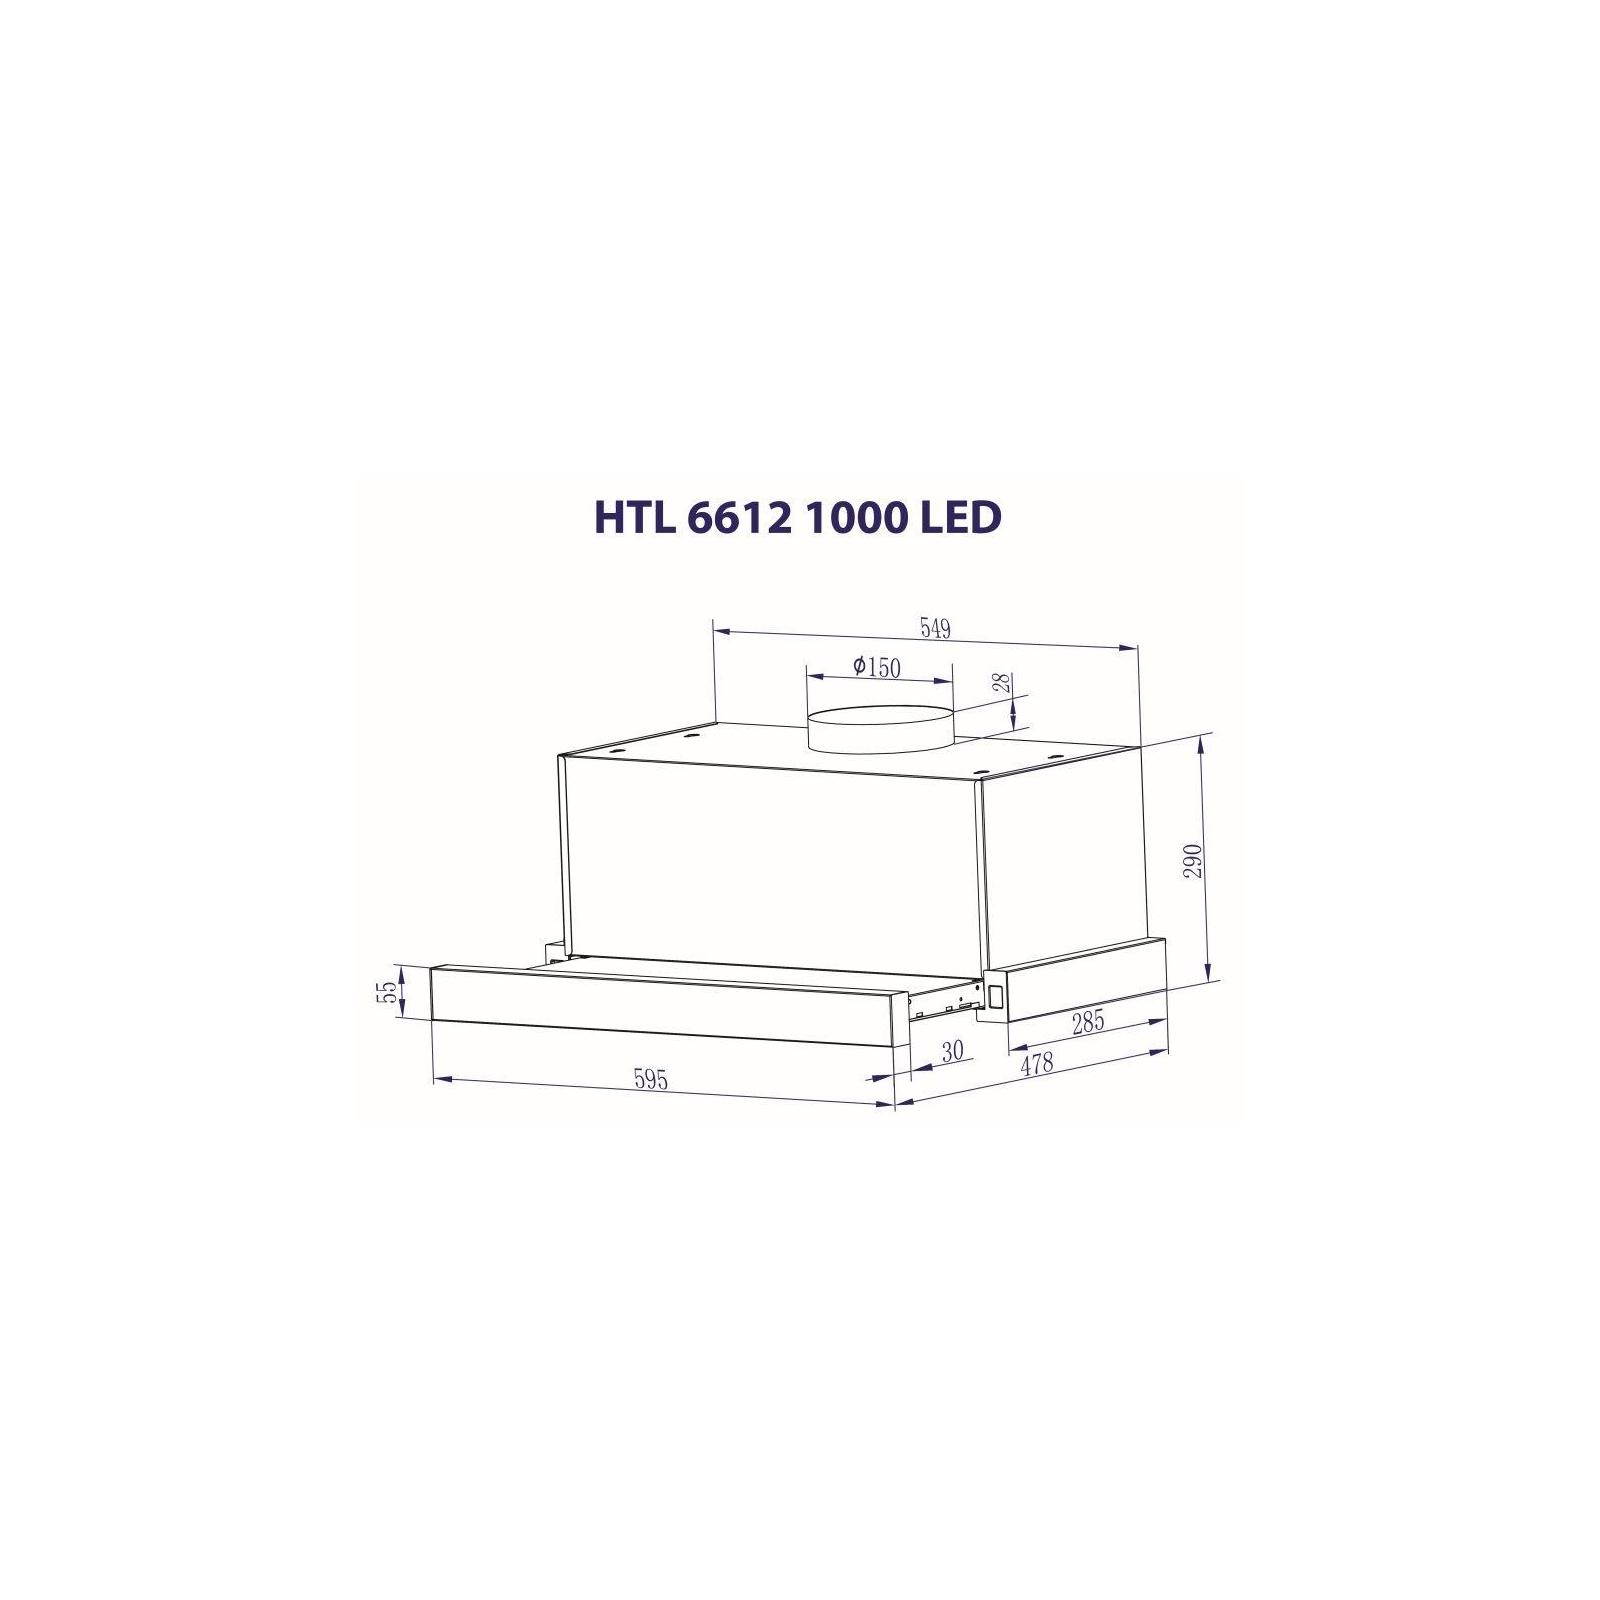 Вытяжка кухонная MINOLA HTL 6612 WH 1000 LED изображение 3